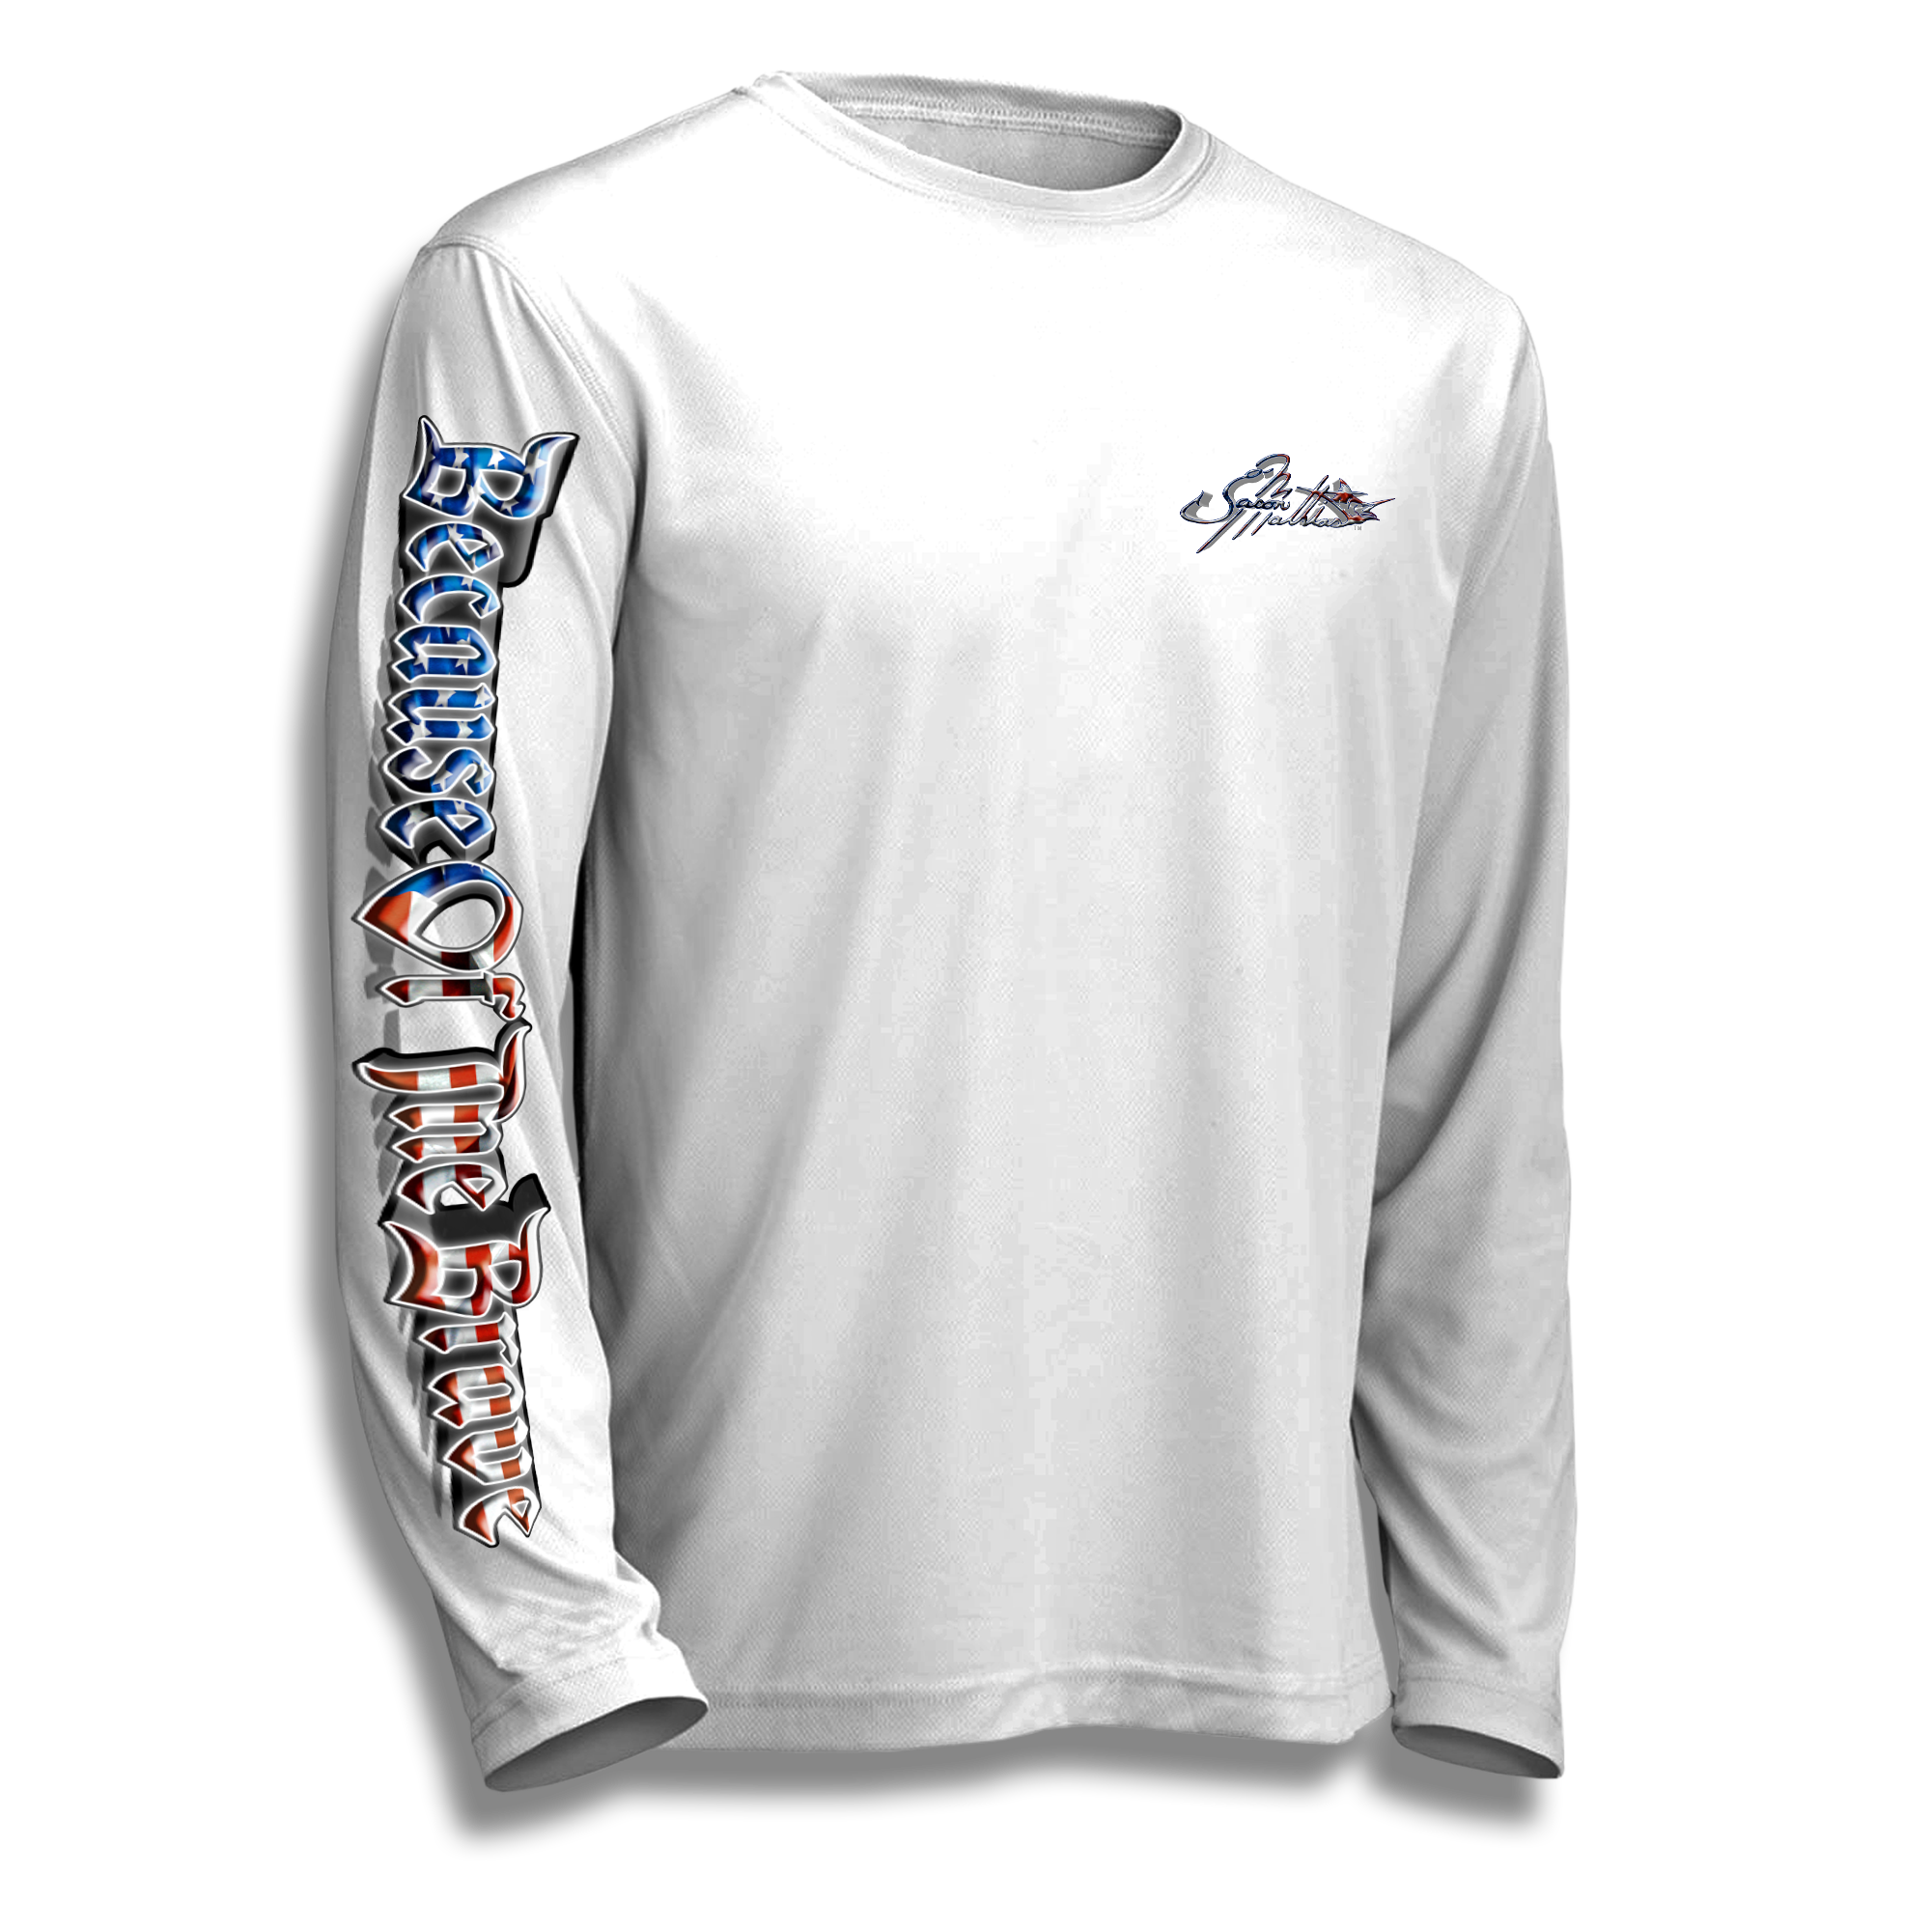 font-americana-shirt.png